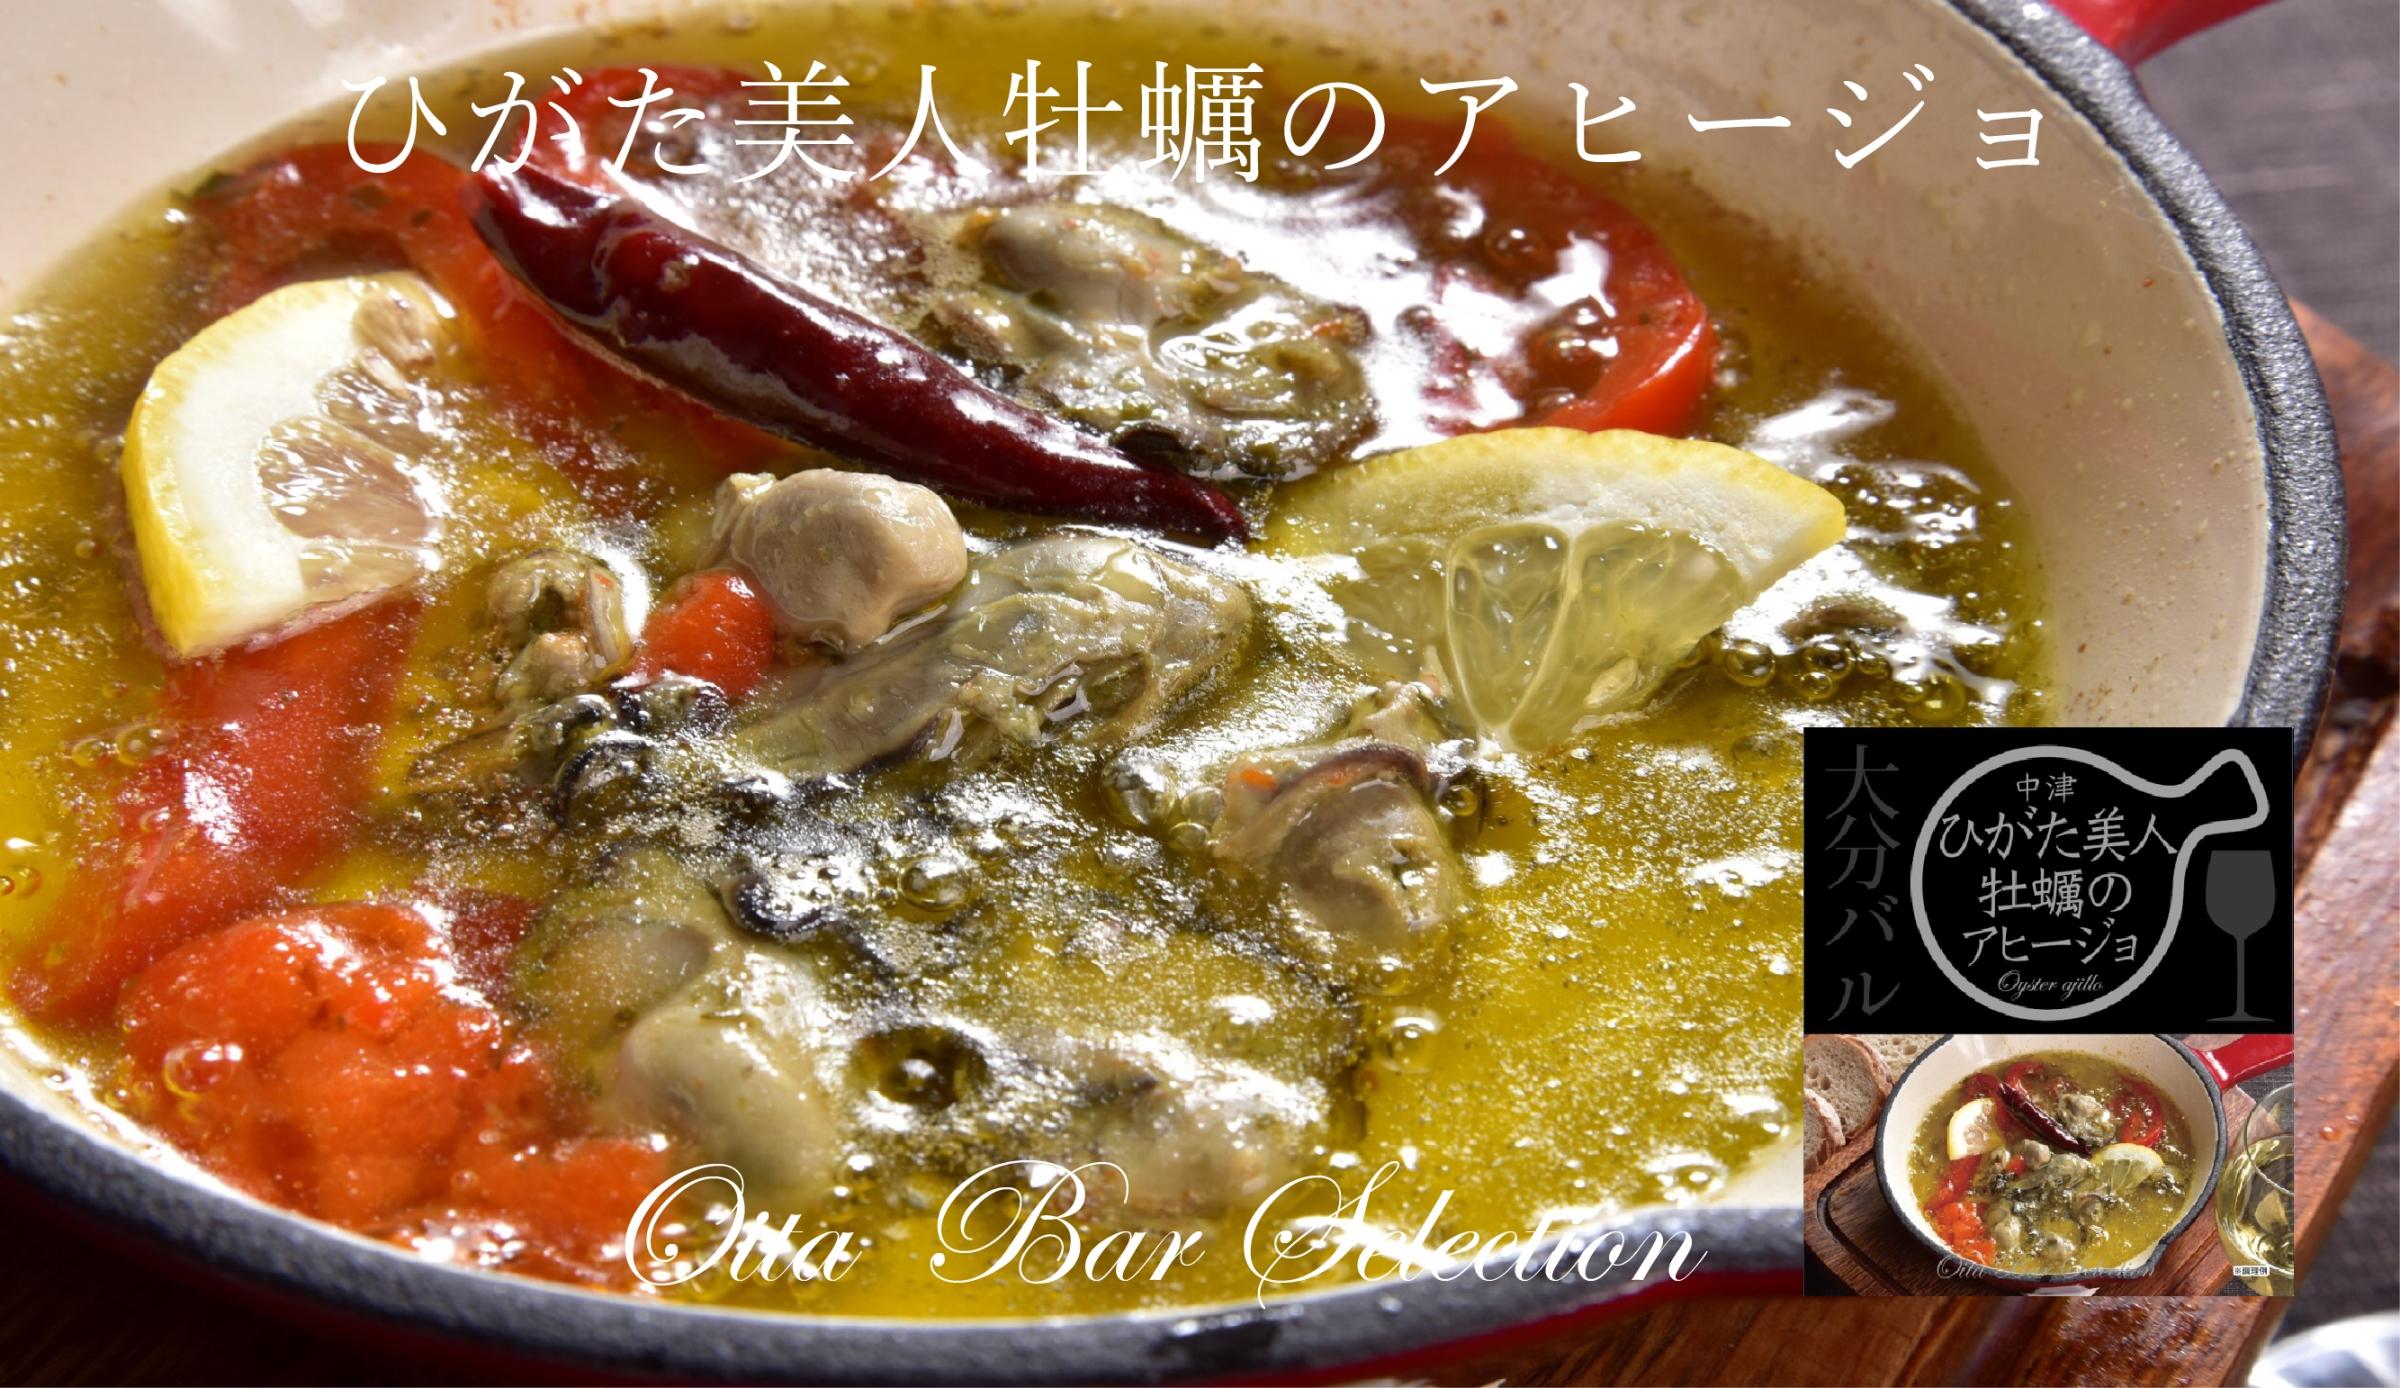 ひがた美人 牡蠣のアヒージョ